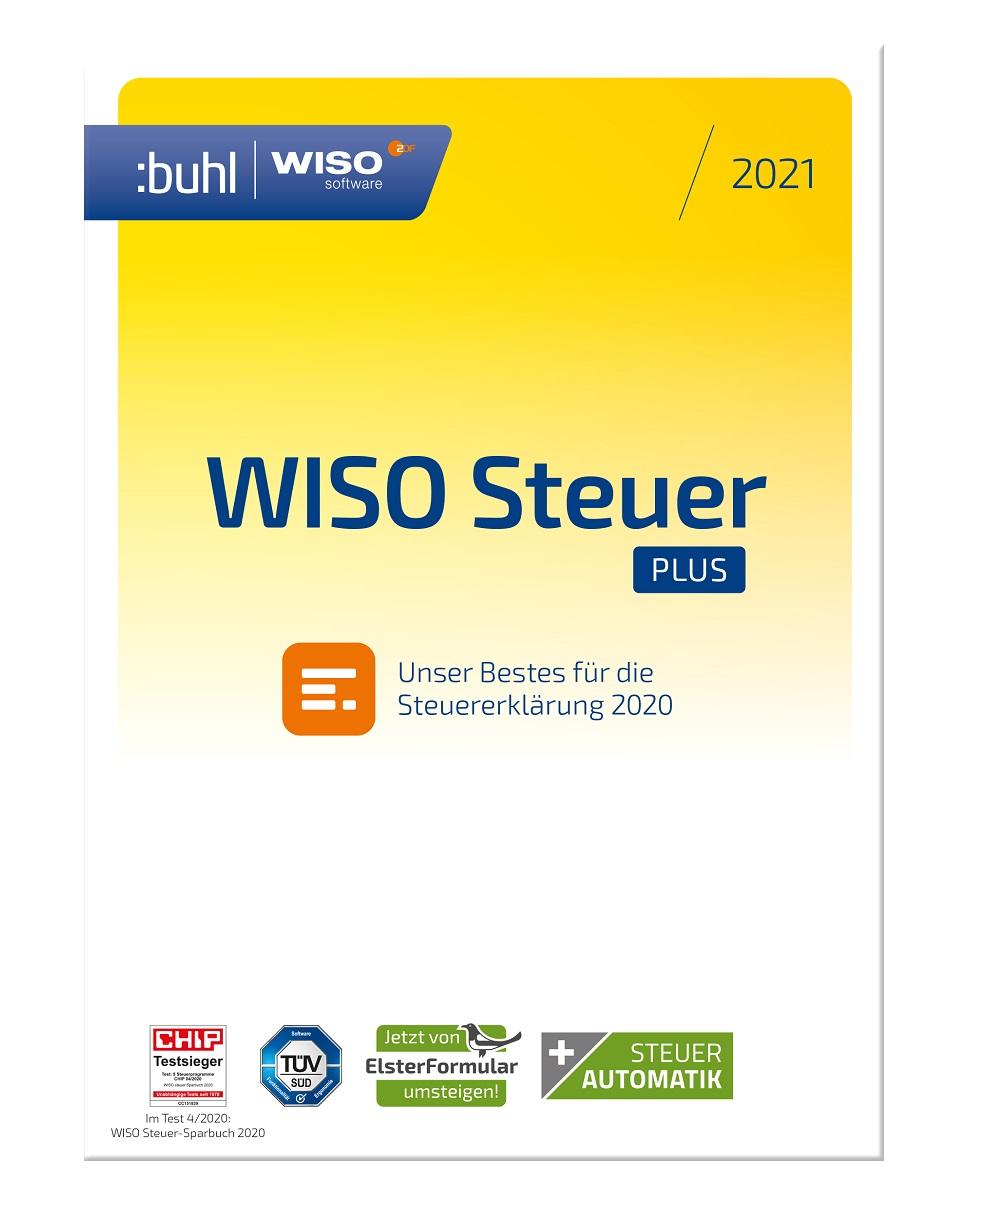 Buhl WISO Steuer + Sparbuch Software günstig kaufen